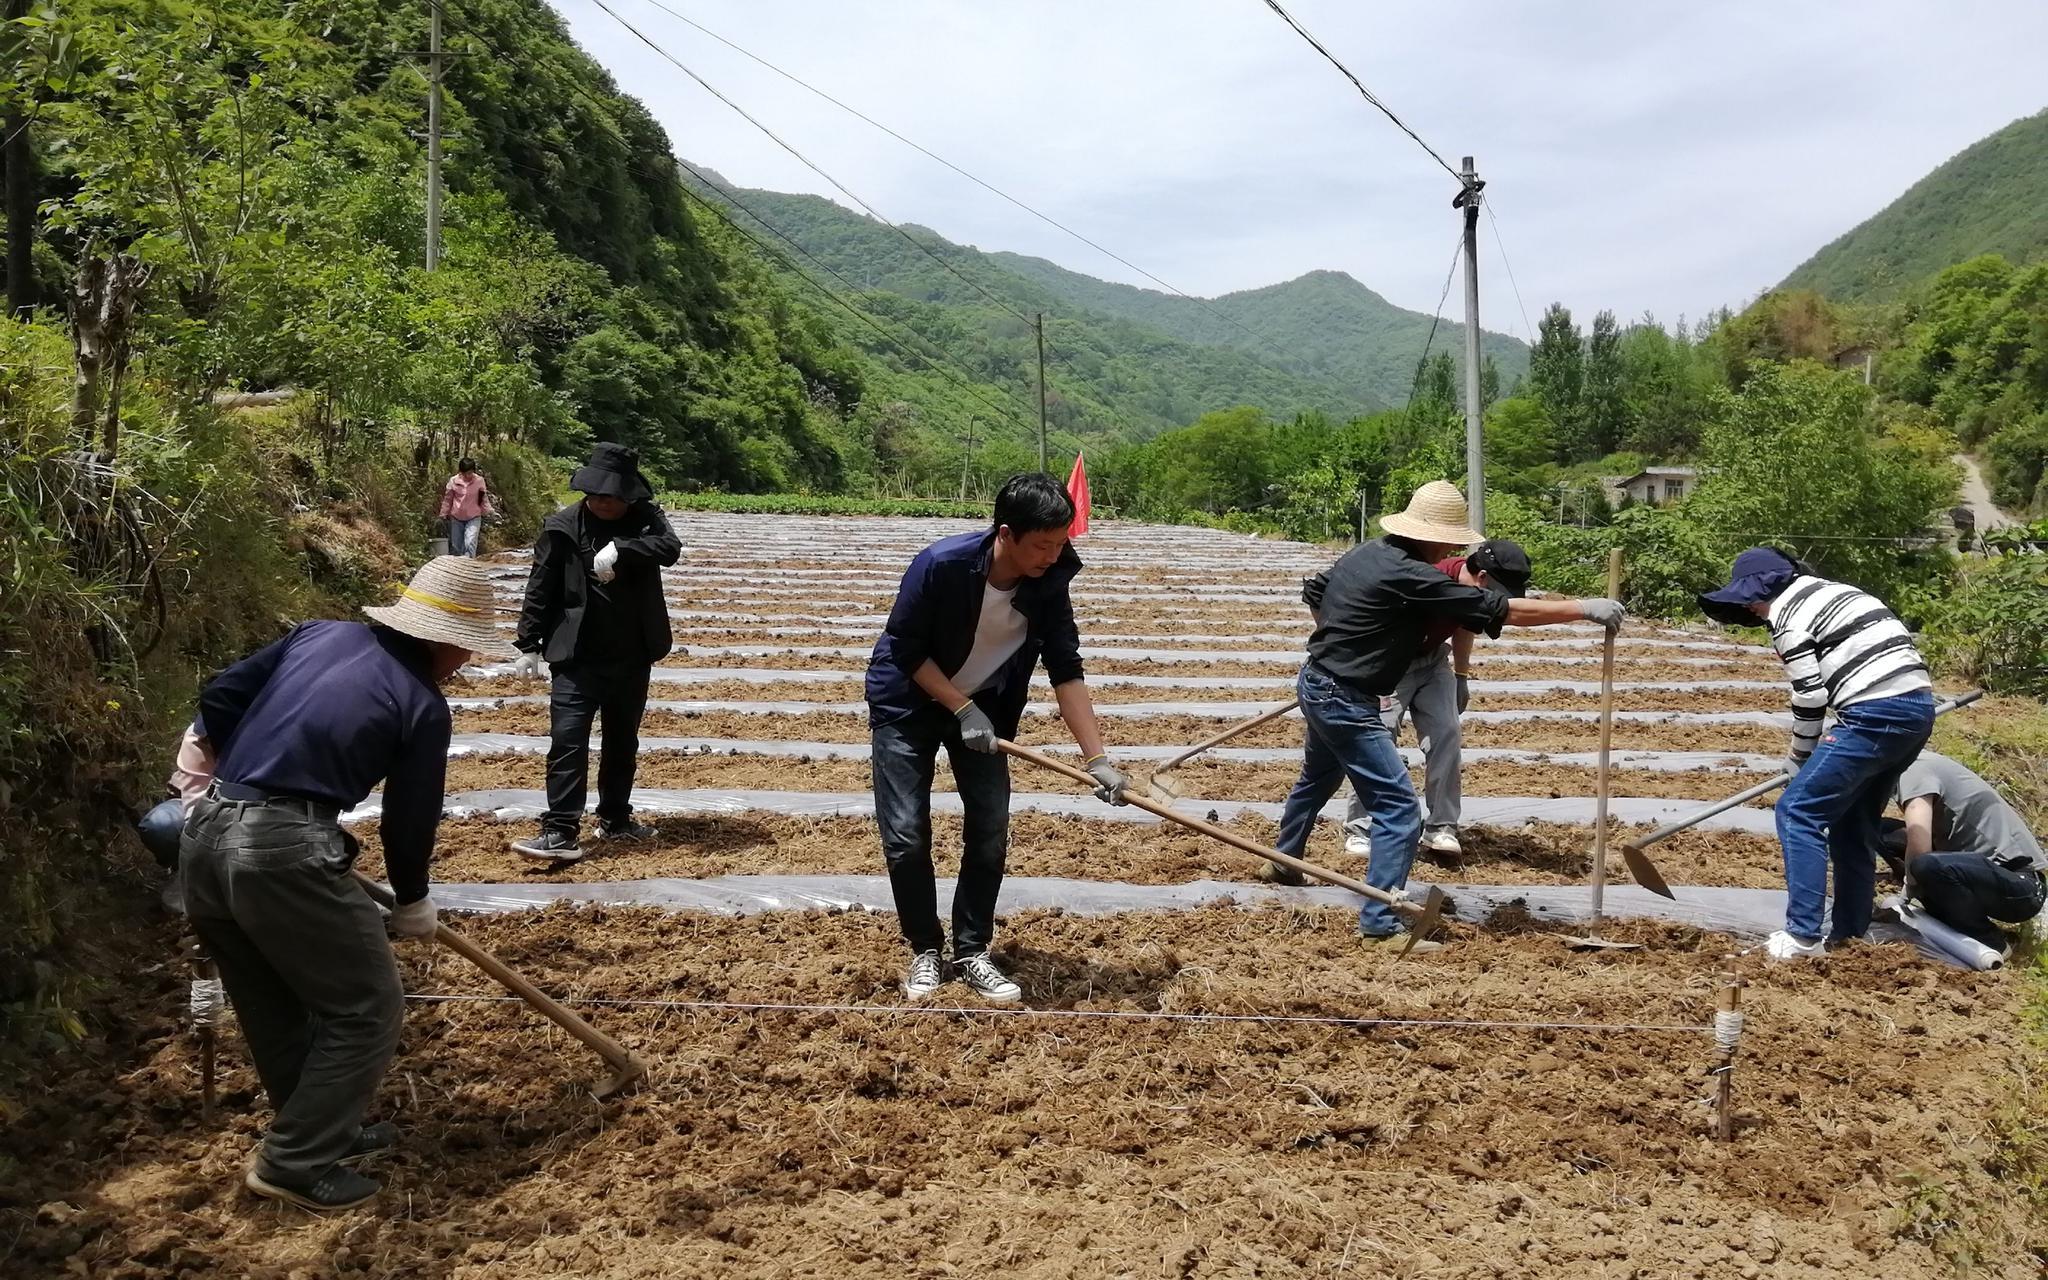 【摩天登录】干部下田摩天登录协助农业图片